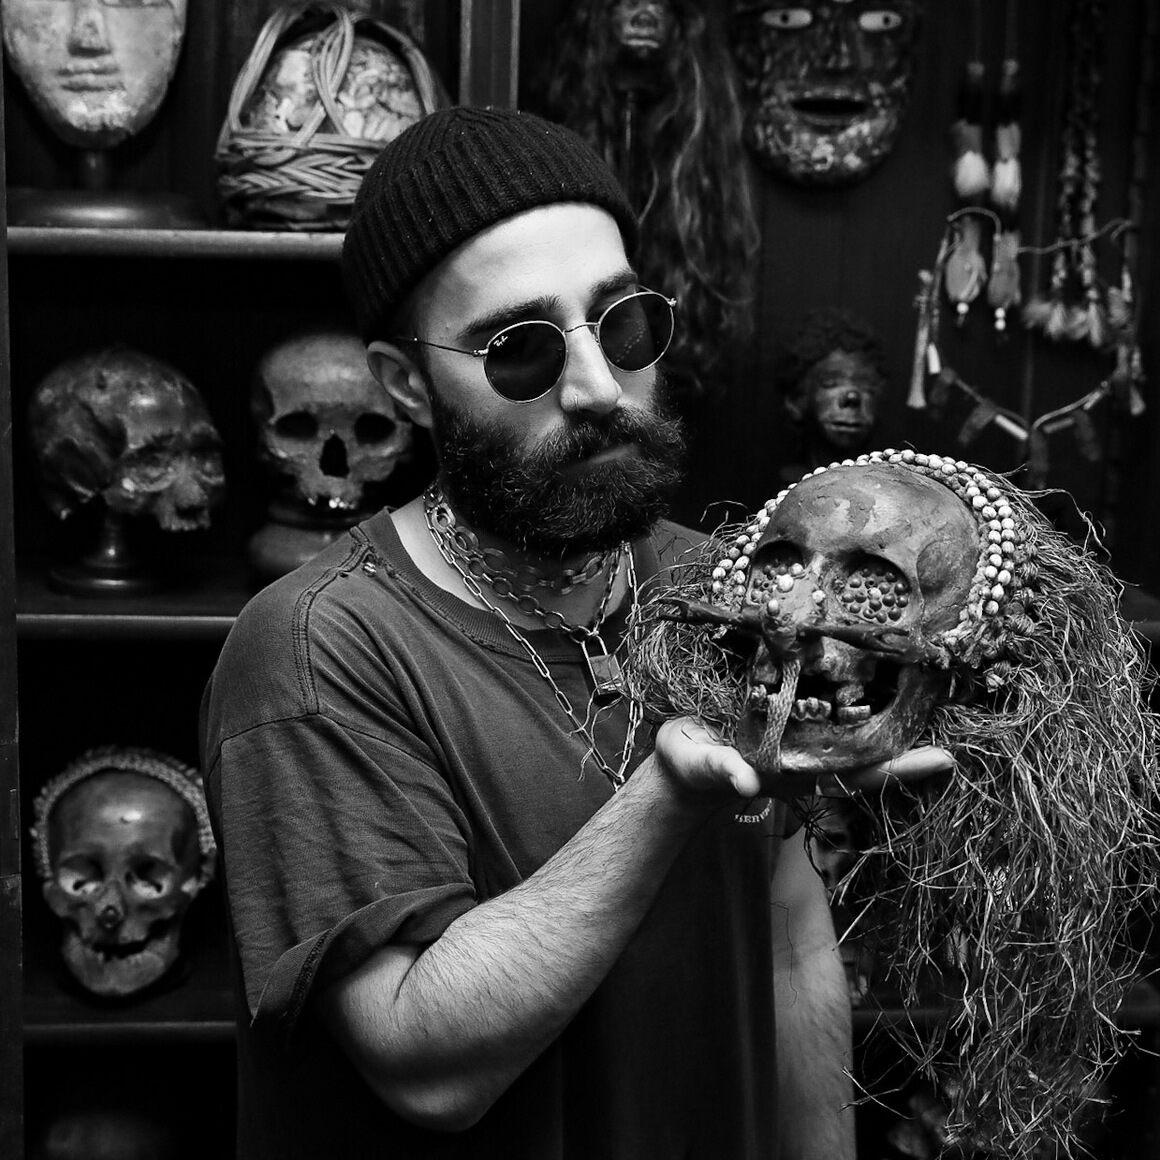 Paul Abrahamian of Dead Skull